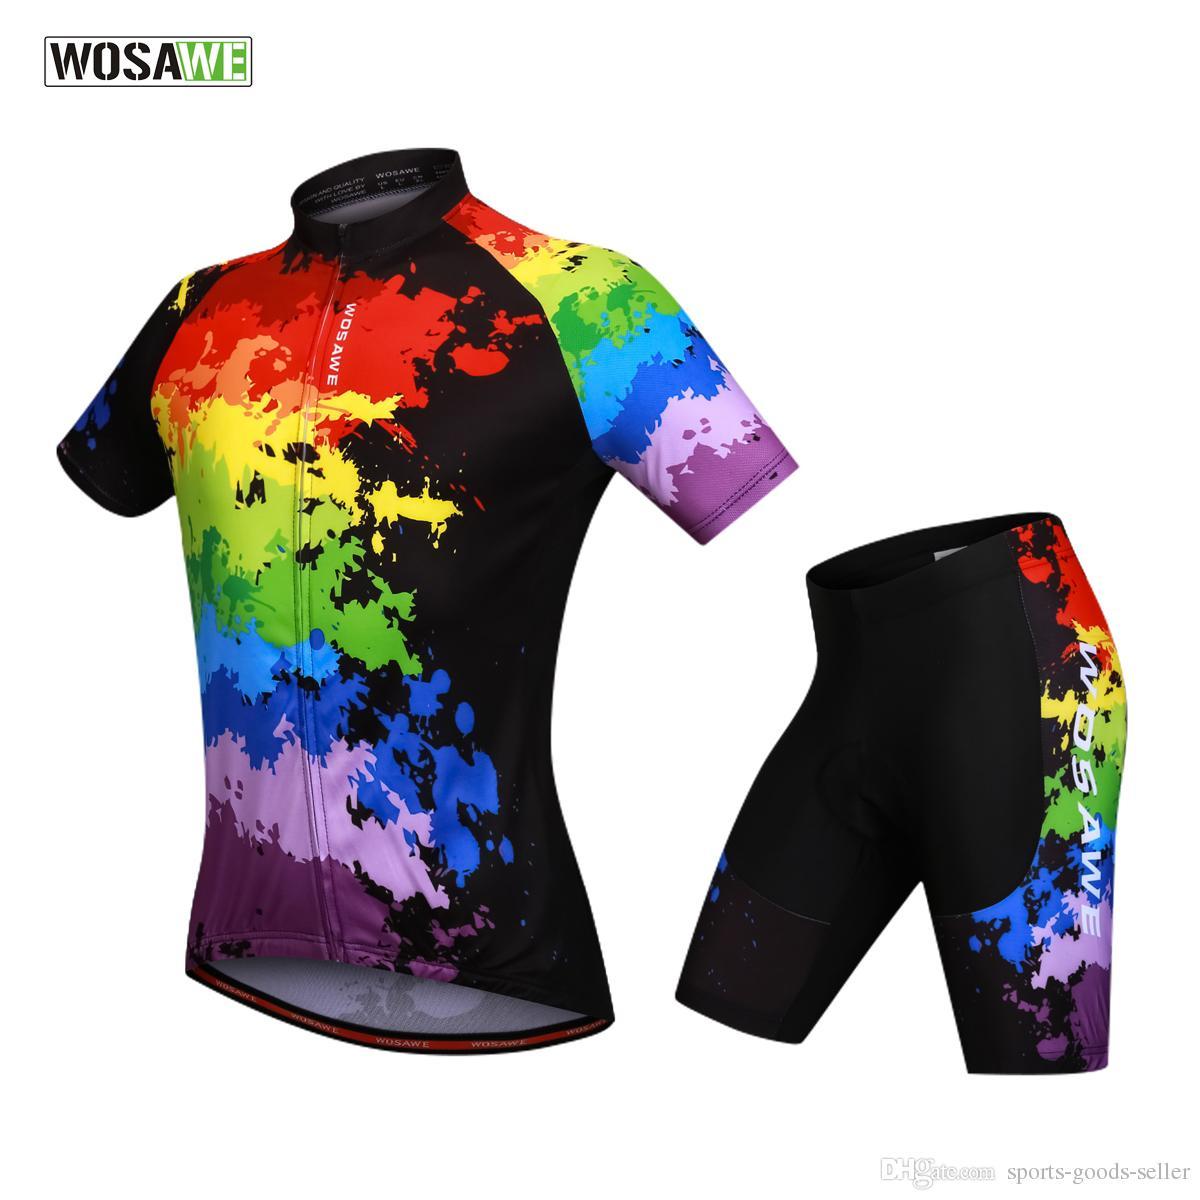 Wosawe Bike Team 2018 Unisex Summer Cycling Apparel Spandex Cycling ... 74c123c0f